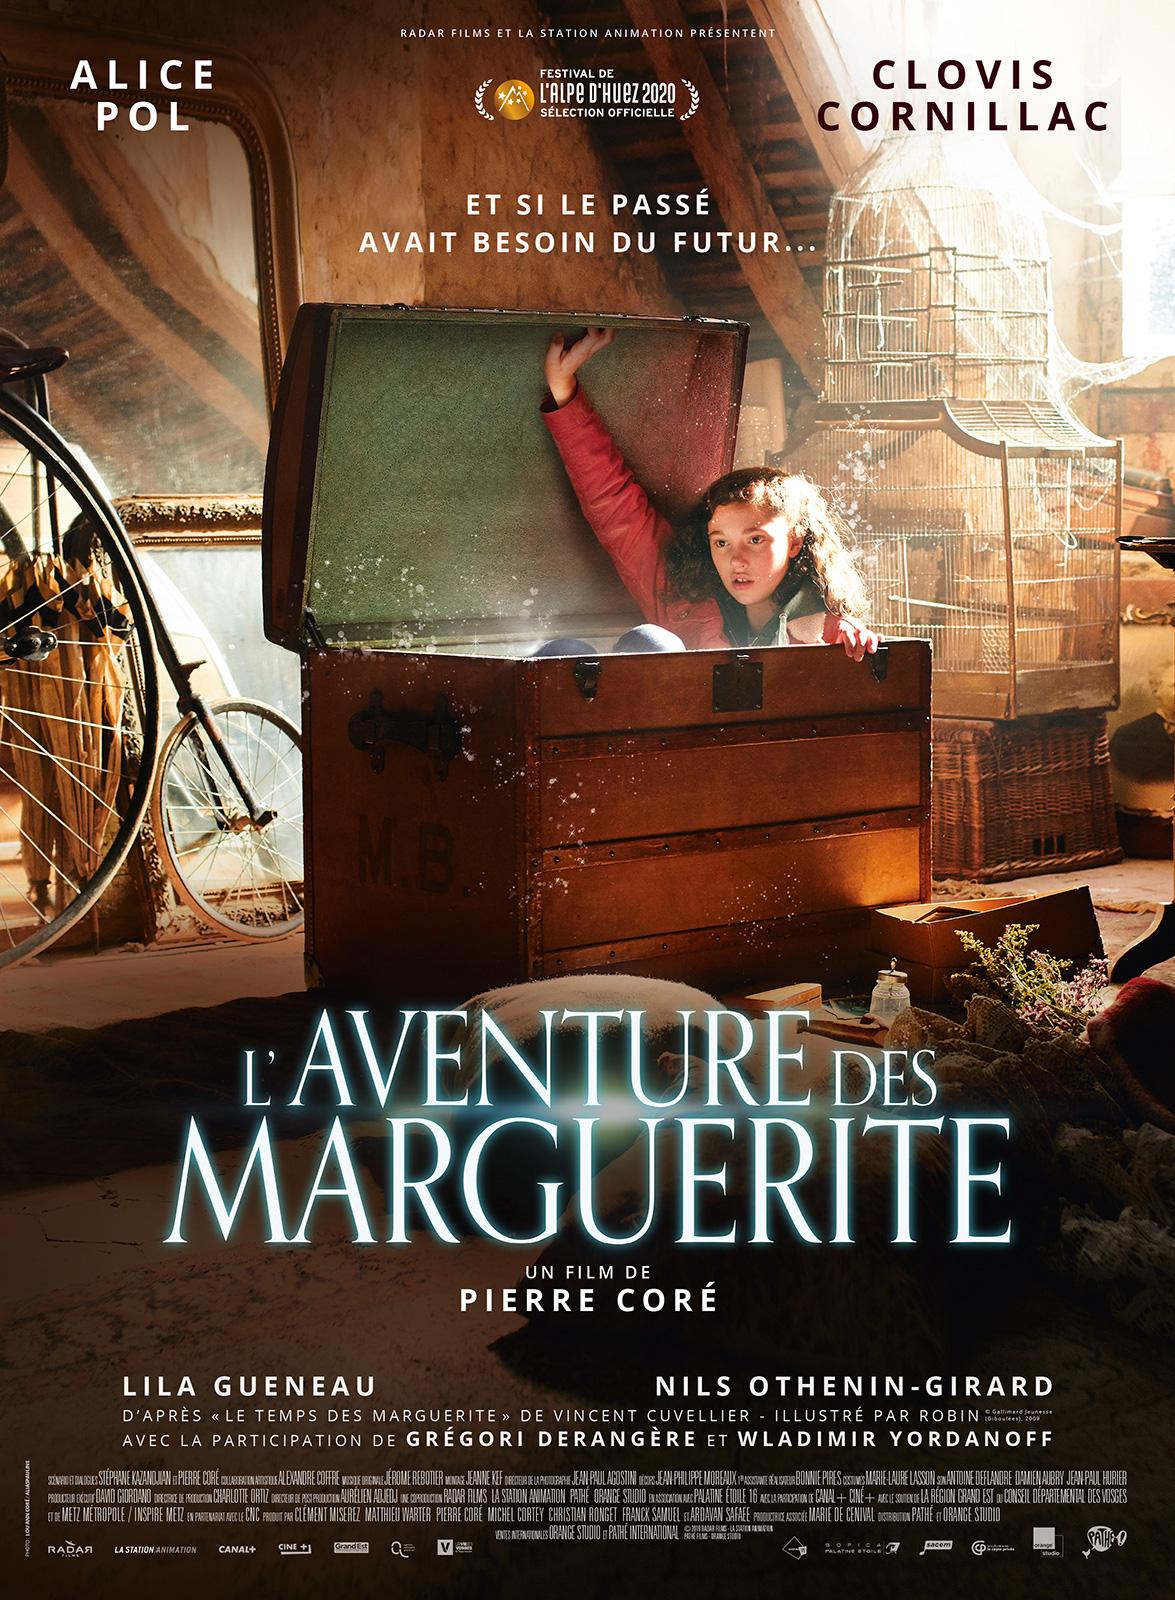 L'AVETURE DES MARGUERITE